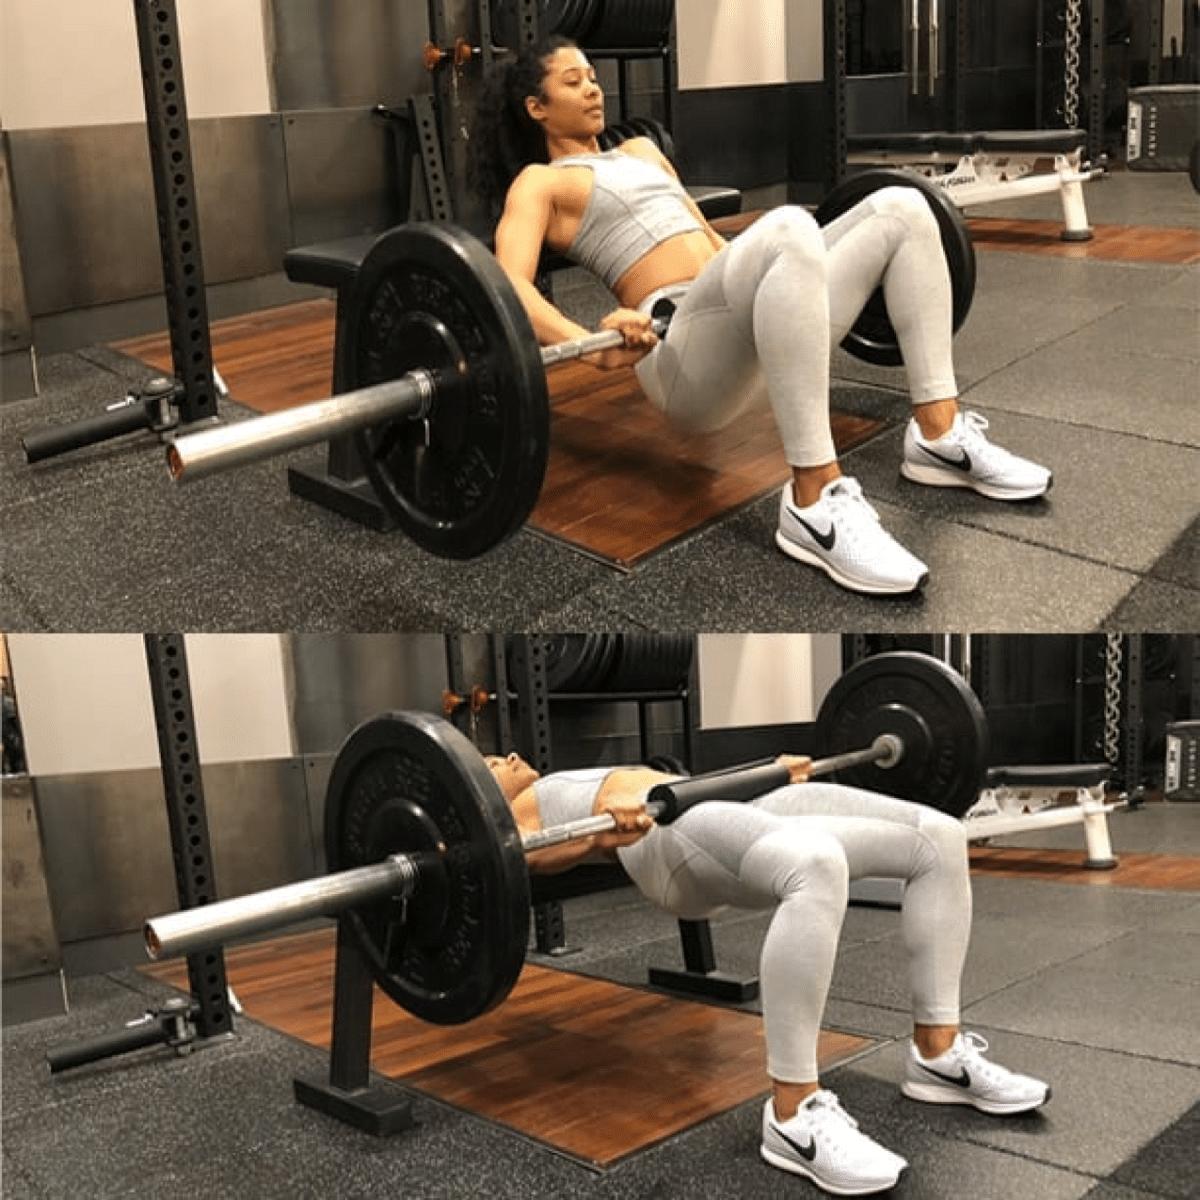 ejercicios de gluteos gimnasio